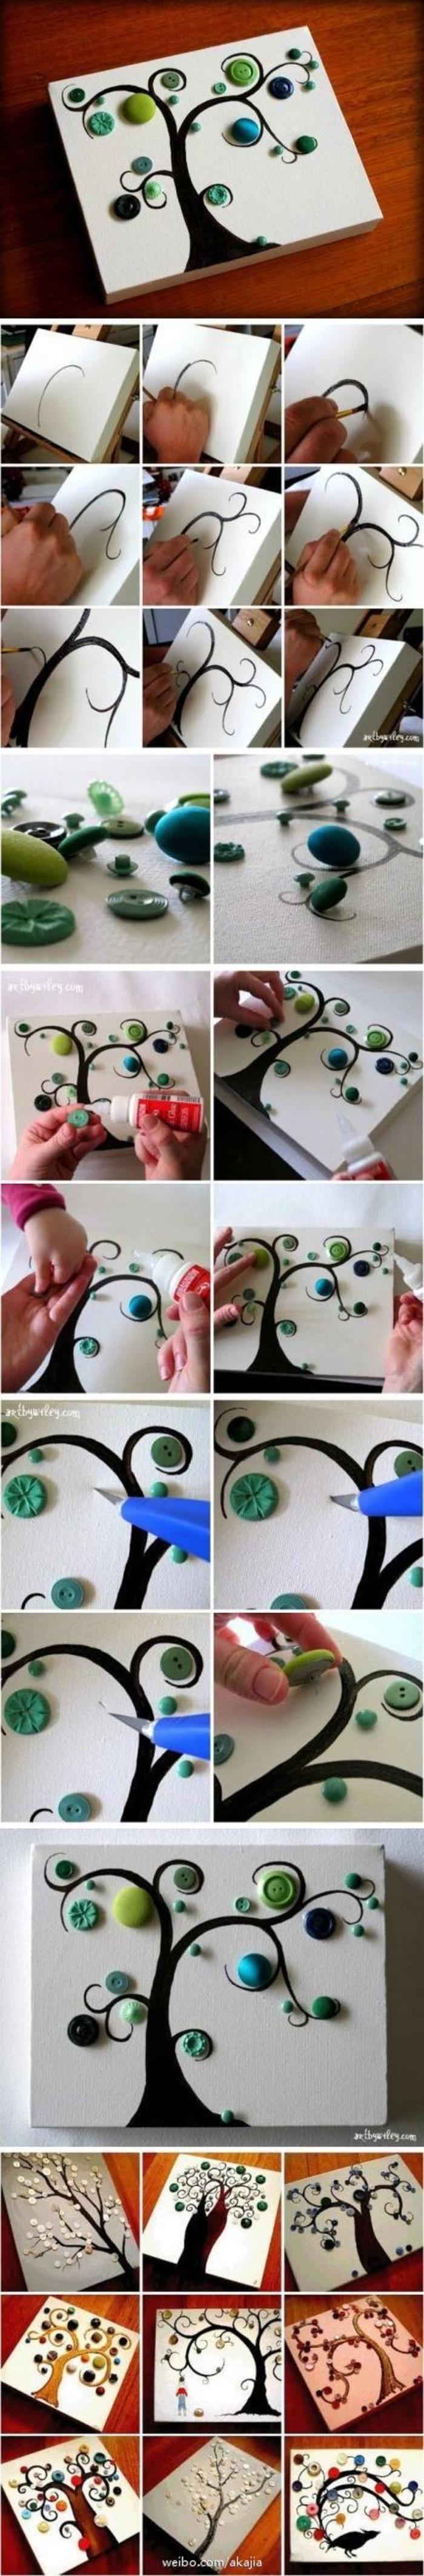 [Bricolage] un grand jeux de la famille parent-enfant, et le bébé ont été la fabrication de boutons de ~ d'arbre beau et intéressant. Aussi décorée permanente ...... ~~~ En outre, l'image des petits ronds offres ah bonnes mains! !